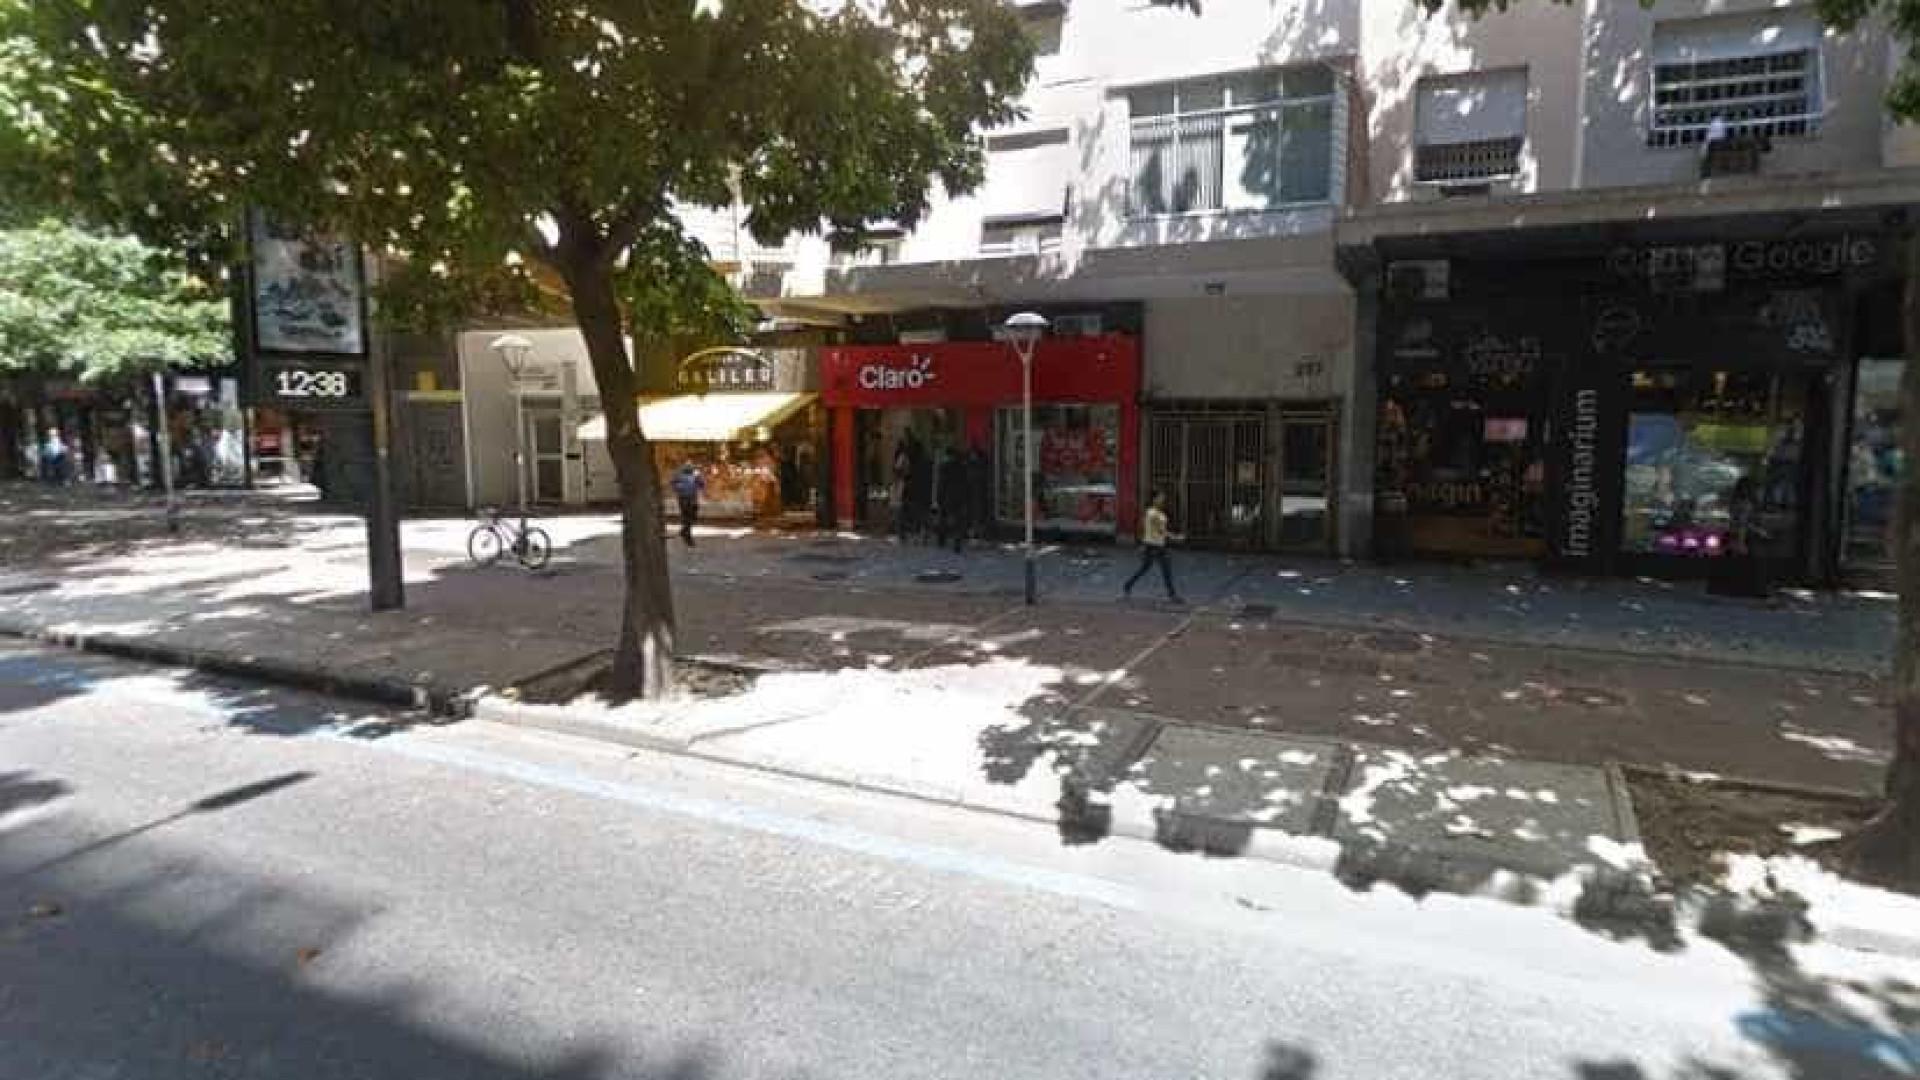 Policial é baleado durante troca de tiros em rua de Ipanema